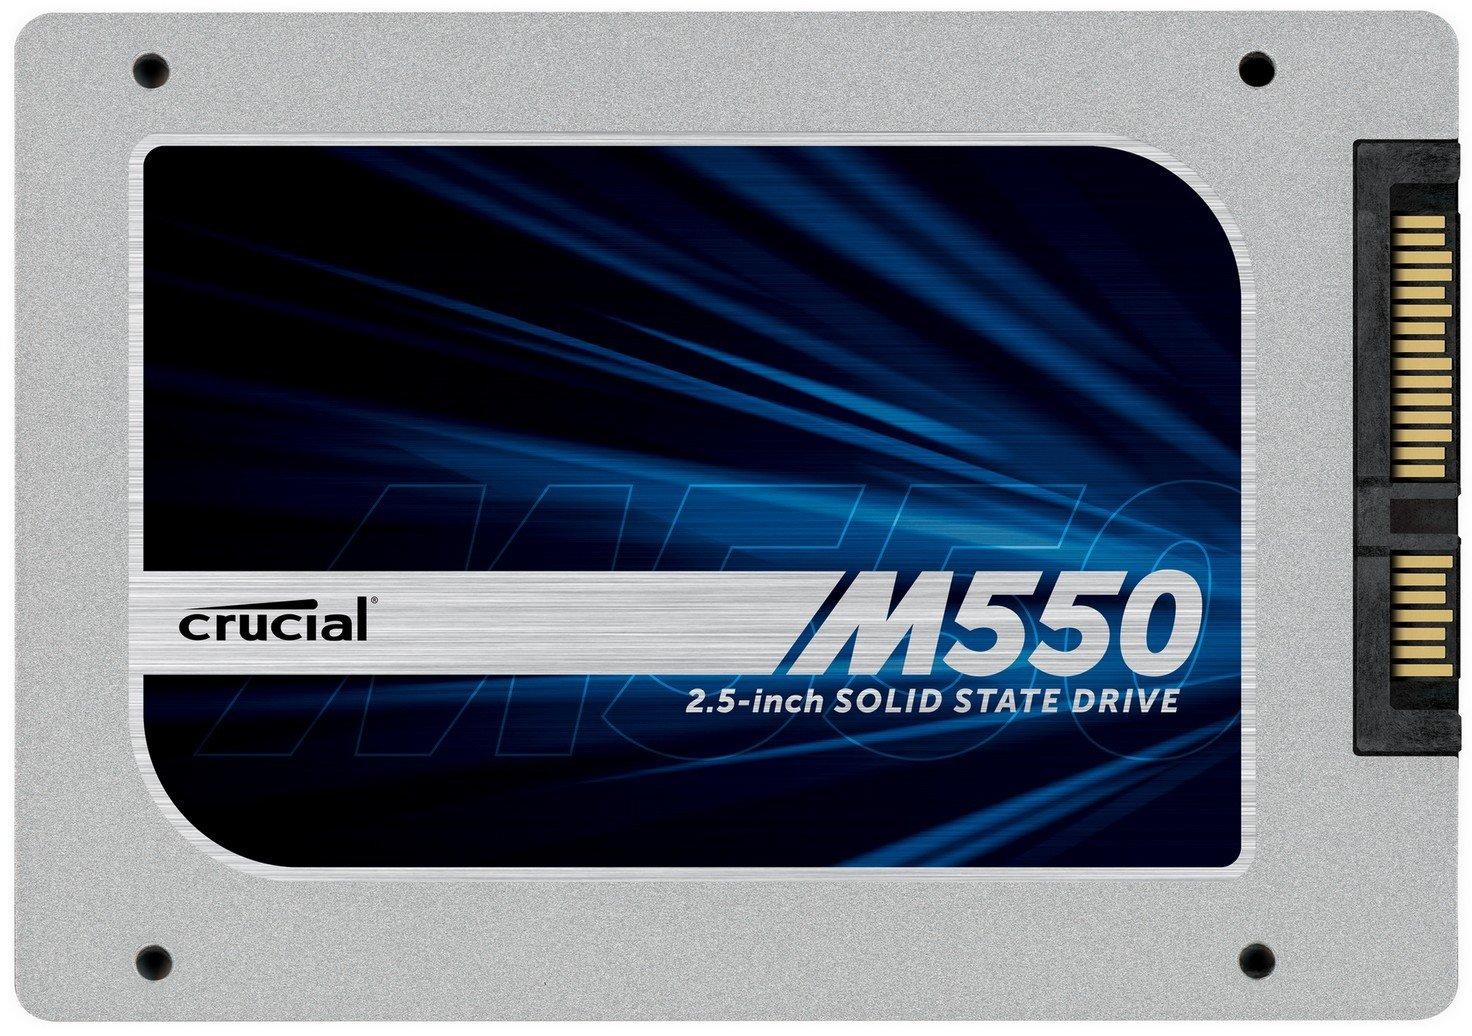 週間売れ筋 Crucial M550 内蔵型SSD B00J85BNVS 512GB 2.5インチ 2.5インチ SATA 6Gbps CT512M550SSD1 M550 B00J85BNVS 128GB 128GB, コスメパレット プラス:808a8a38 --- ballyshannonshow.com